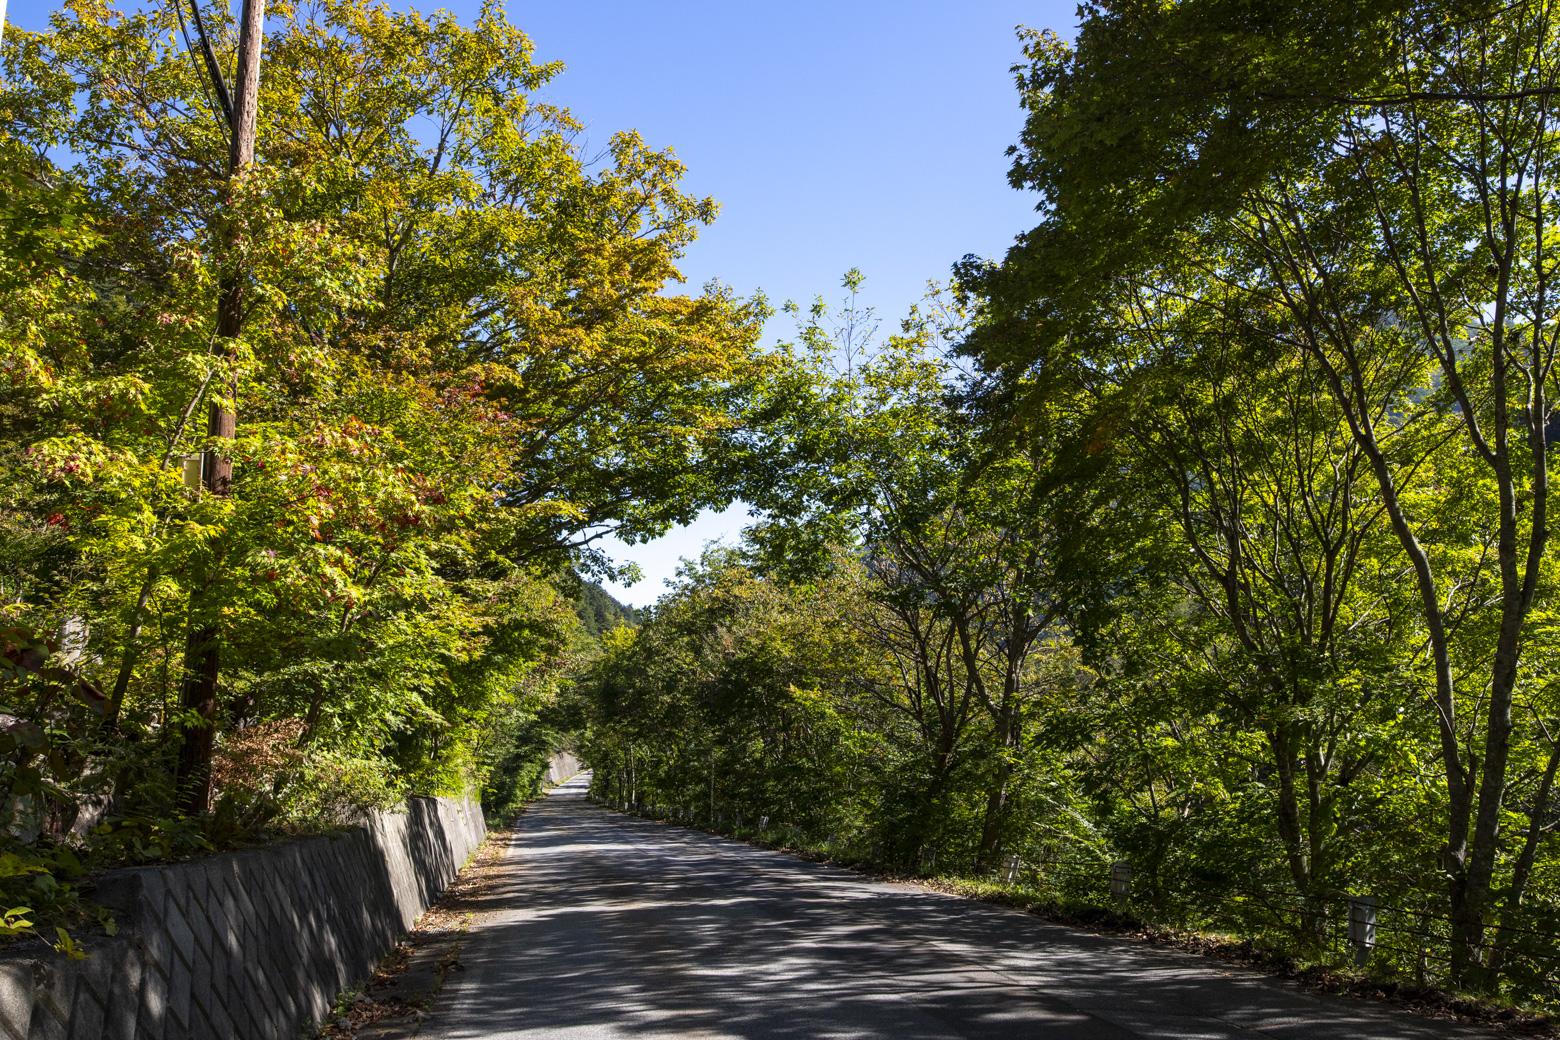 葛温泉高瀬館前の道路